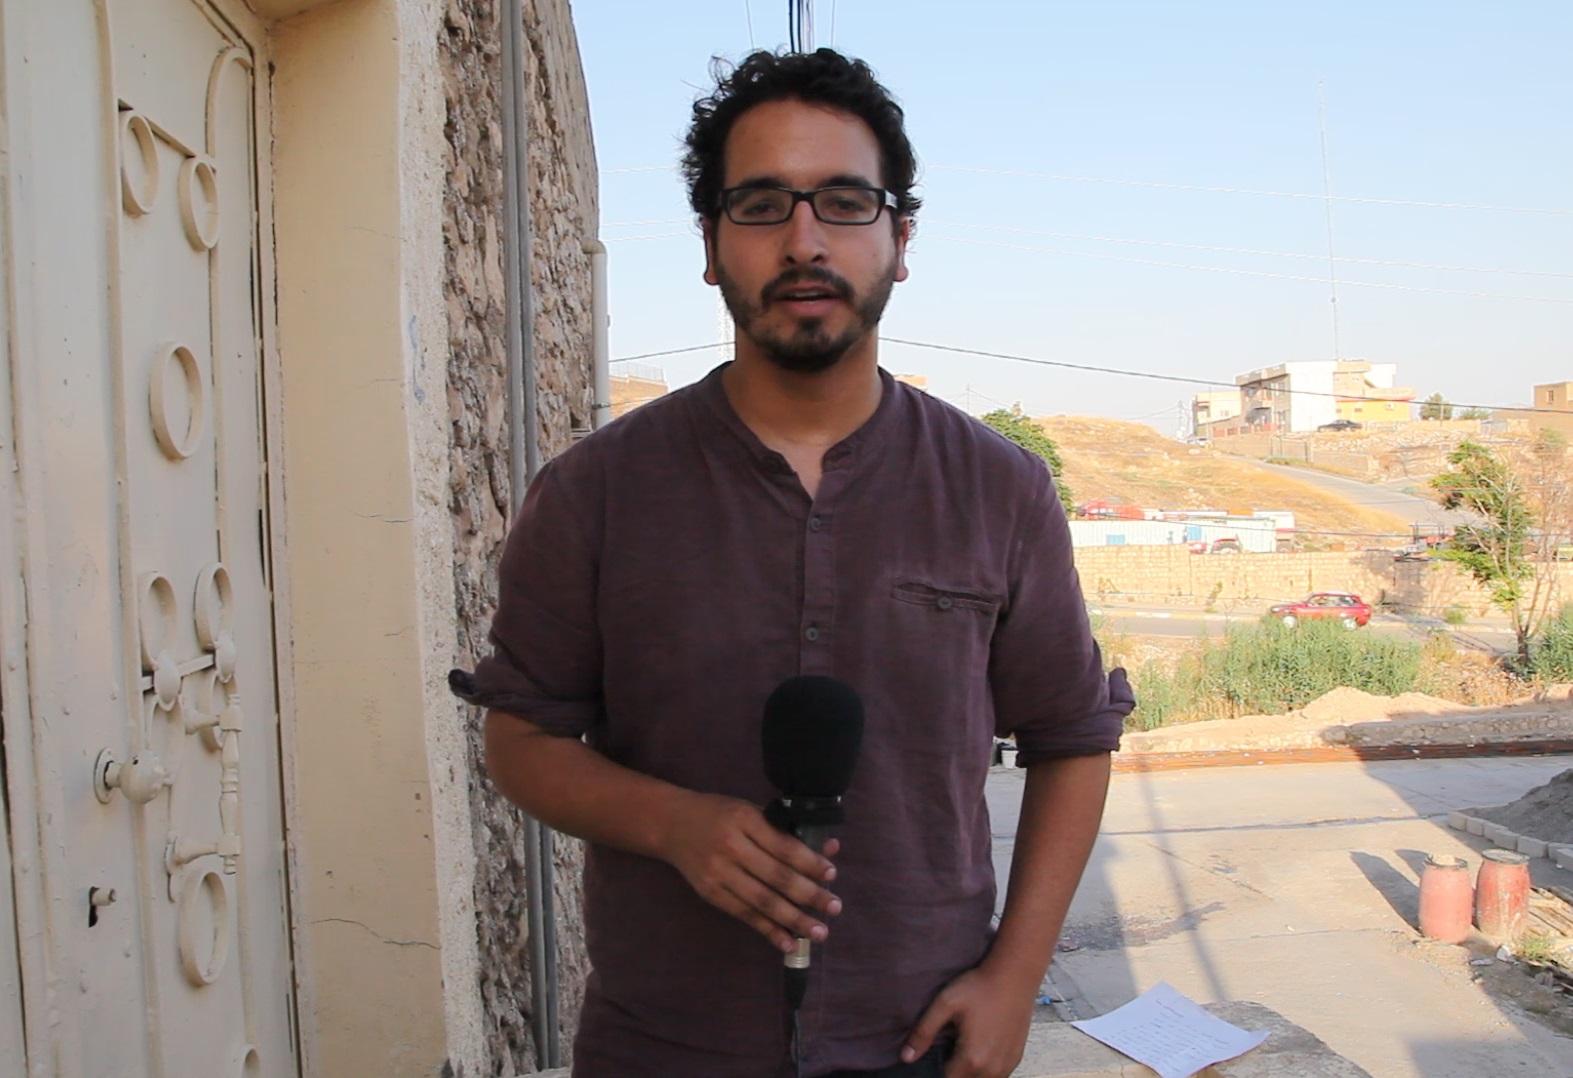 El corresponsal de 'El Mundo' Francisco Carrión recibe el VI Premio Internacional de Periodismo 'Colombine' el 27 de octubre